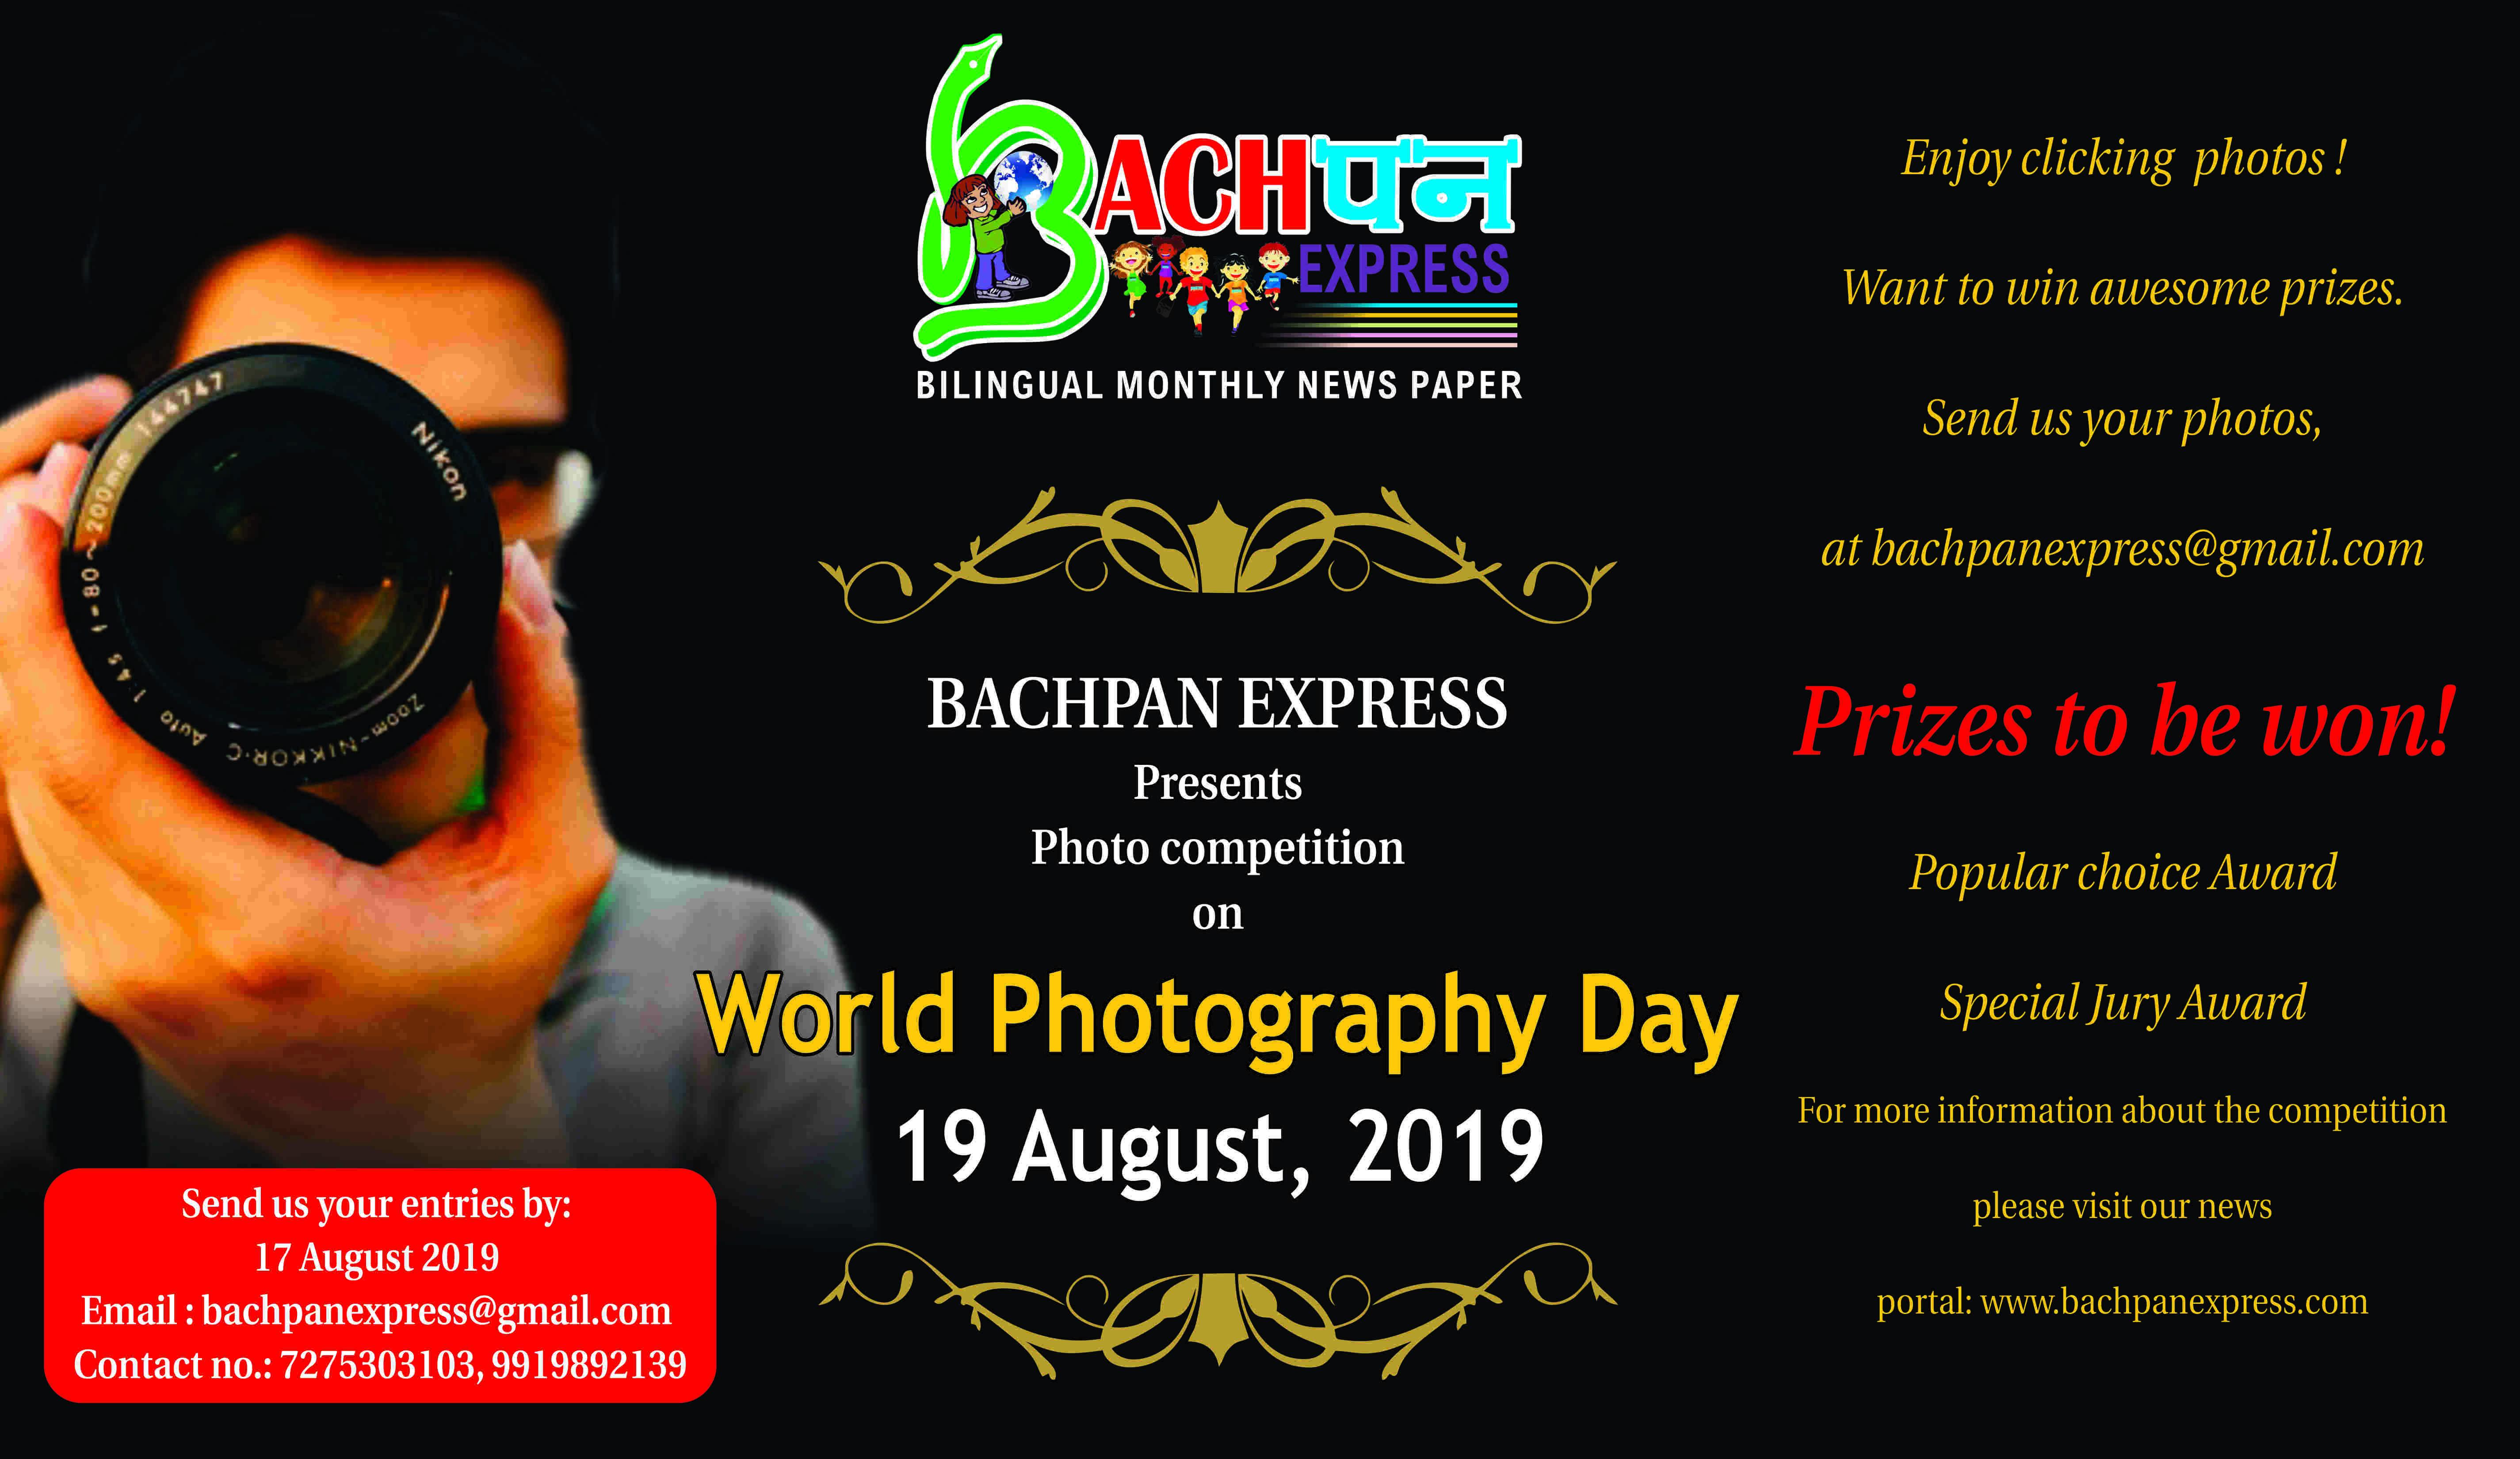 आओ... वर्ल्ड फोटोग्राफी डे बचपन एक्सप्रेस के साथ मनाओ